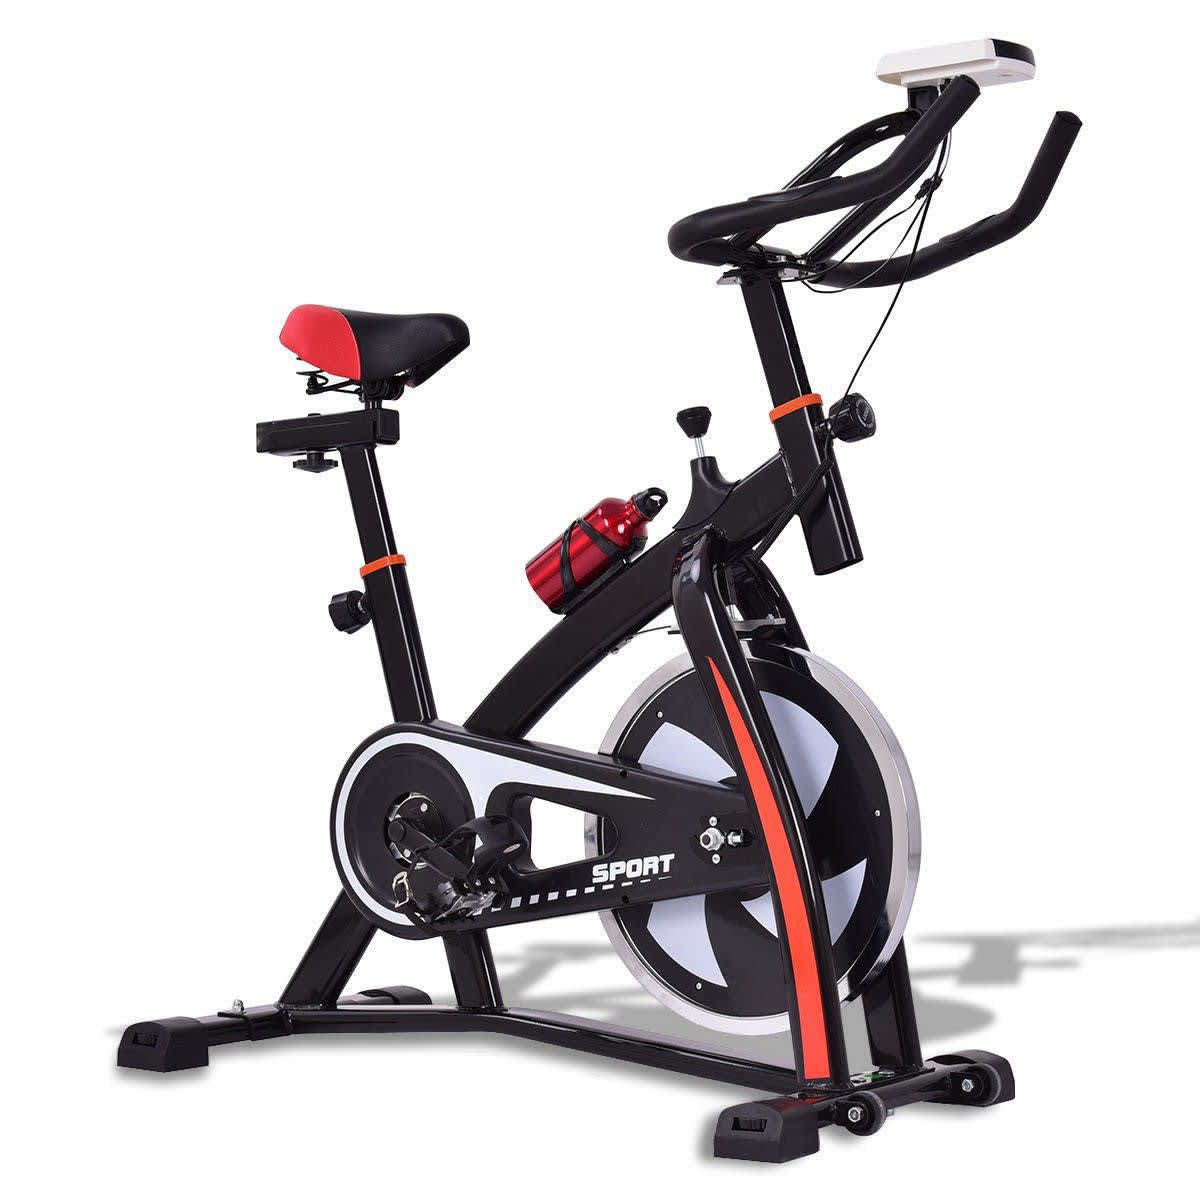 Costway Exercise Bikes